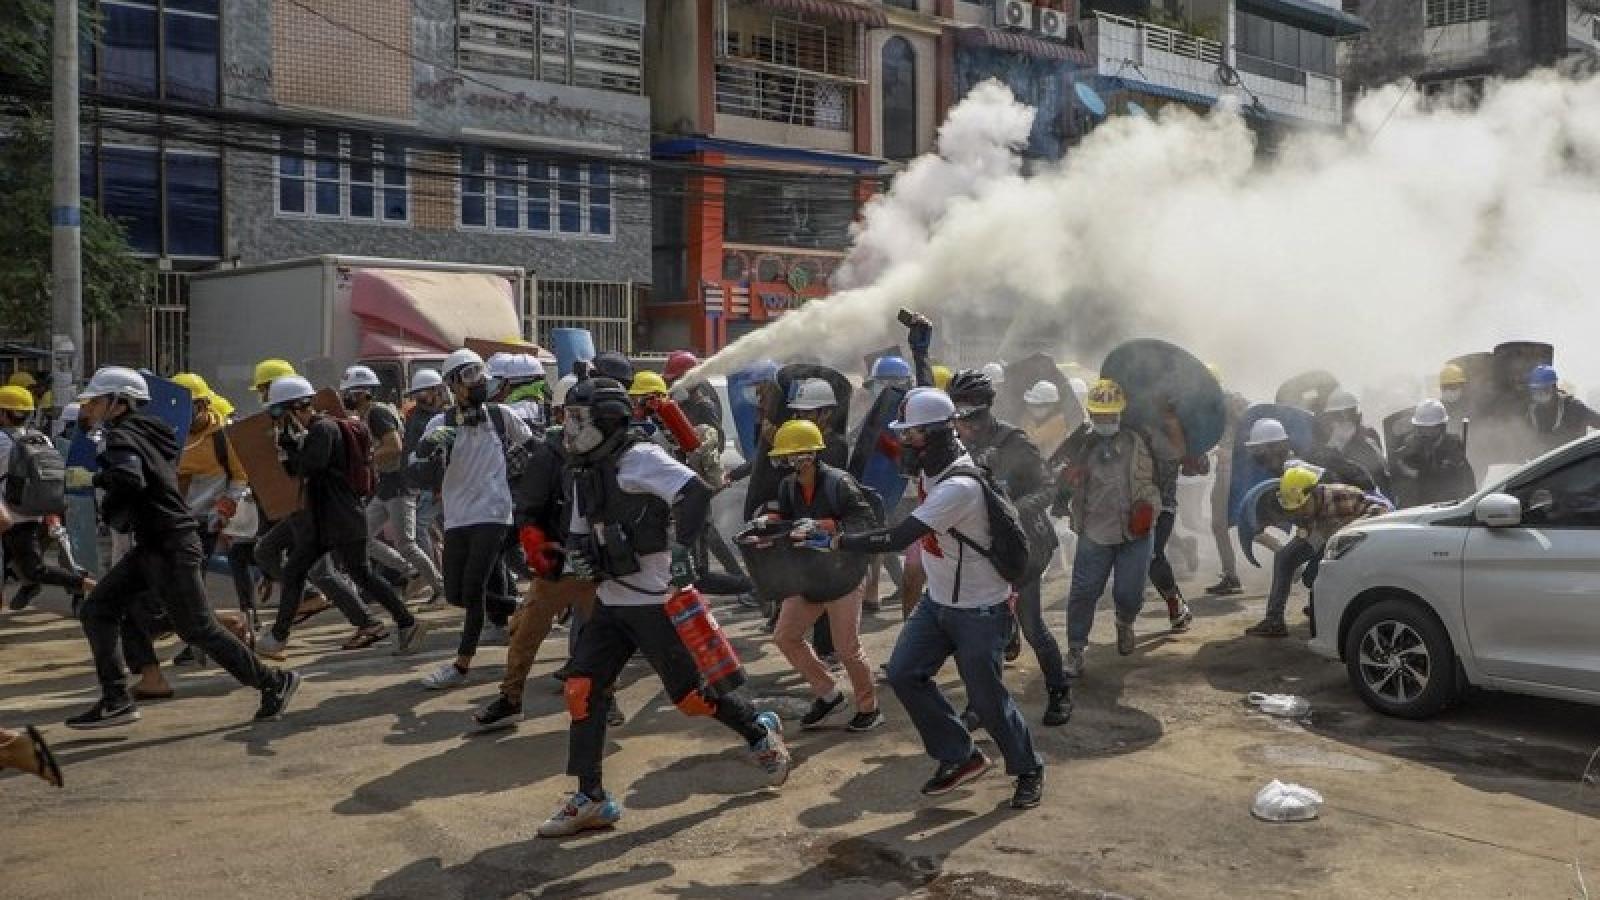 Quân đội Myanmar tố cáo ngược phe biểu tình và thừa nhận có nhiều người chết